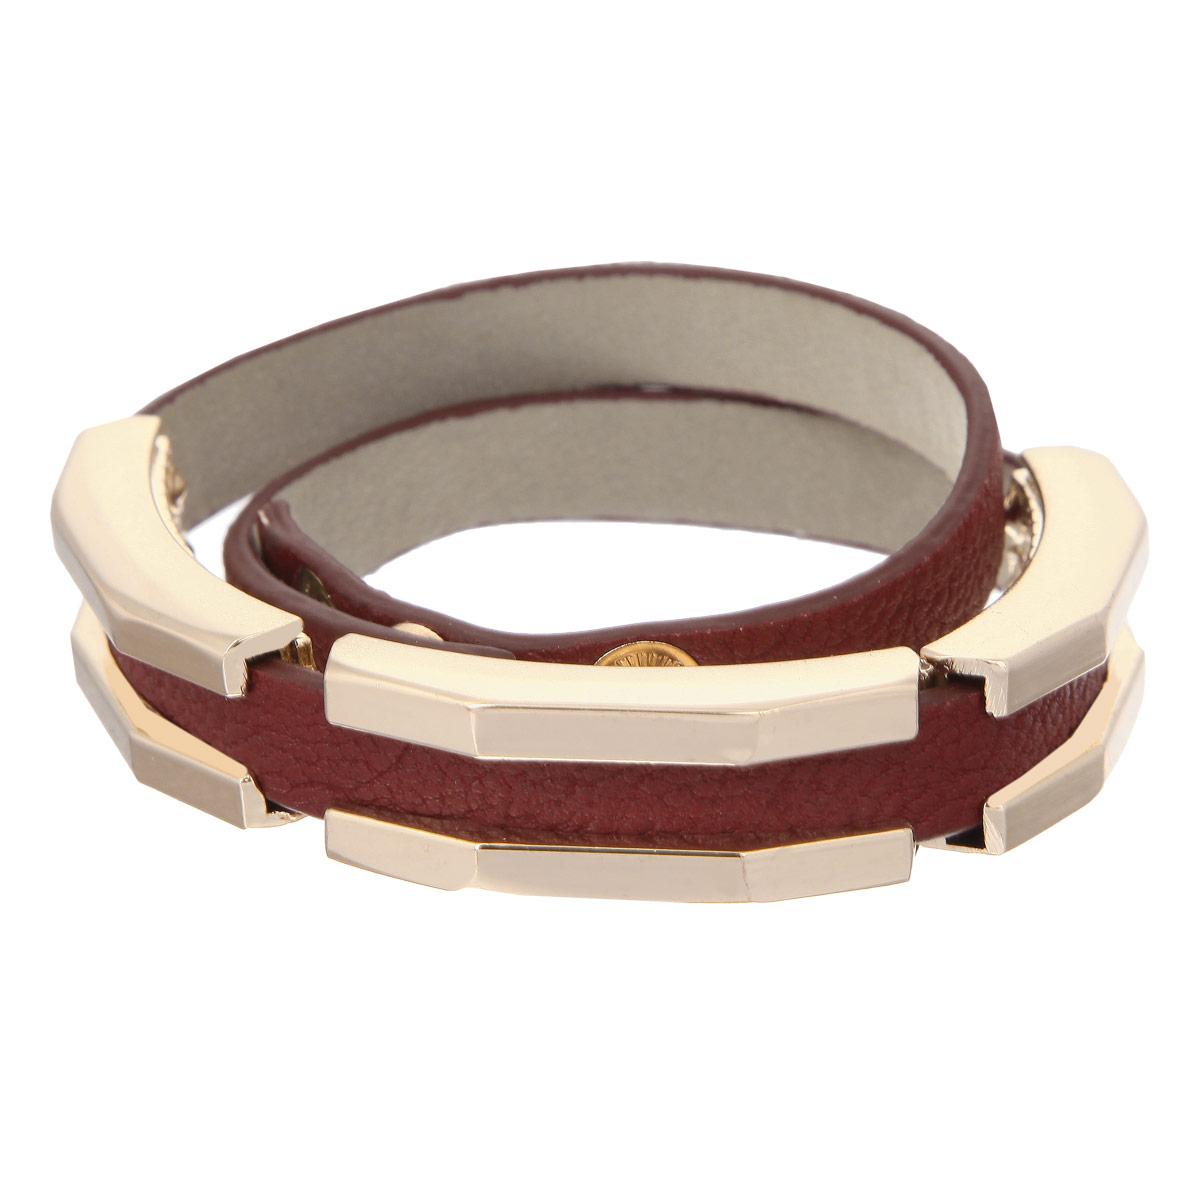 Браслет Taya, цвет: темно-красный. T-B-8054-BRAC-D.REDT-B-8054-BRAC-D.REDСтильный женский браслет Taya выполнен из натуральной кожи, оформлен тремя элементами оригинальной формы из ювелирного сплава. Изделие застегивается на кнопки, длина регулируется. Такой браслет позволит вам с легкостью воплотить самую смелую фантазию и создать собственный неповторимый образ.